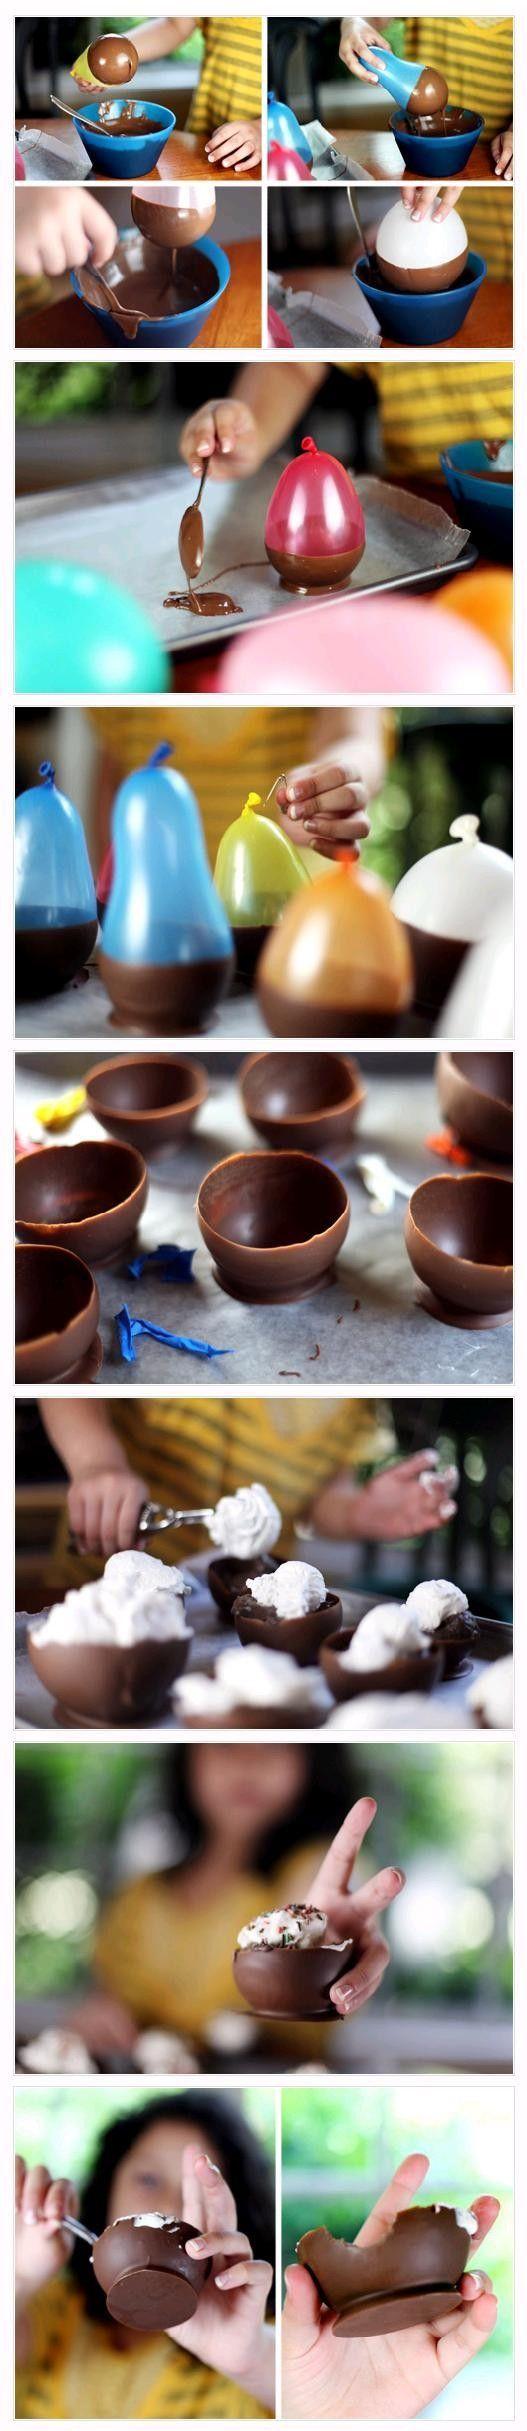 Profitez de votre crème glacée dans un délicieux bol de chocolat bricolage fait à l'aide d'un ballon !